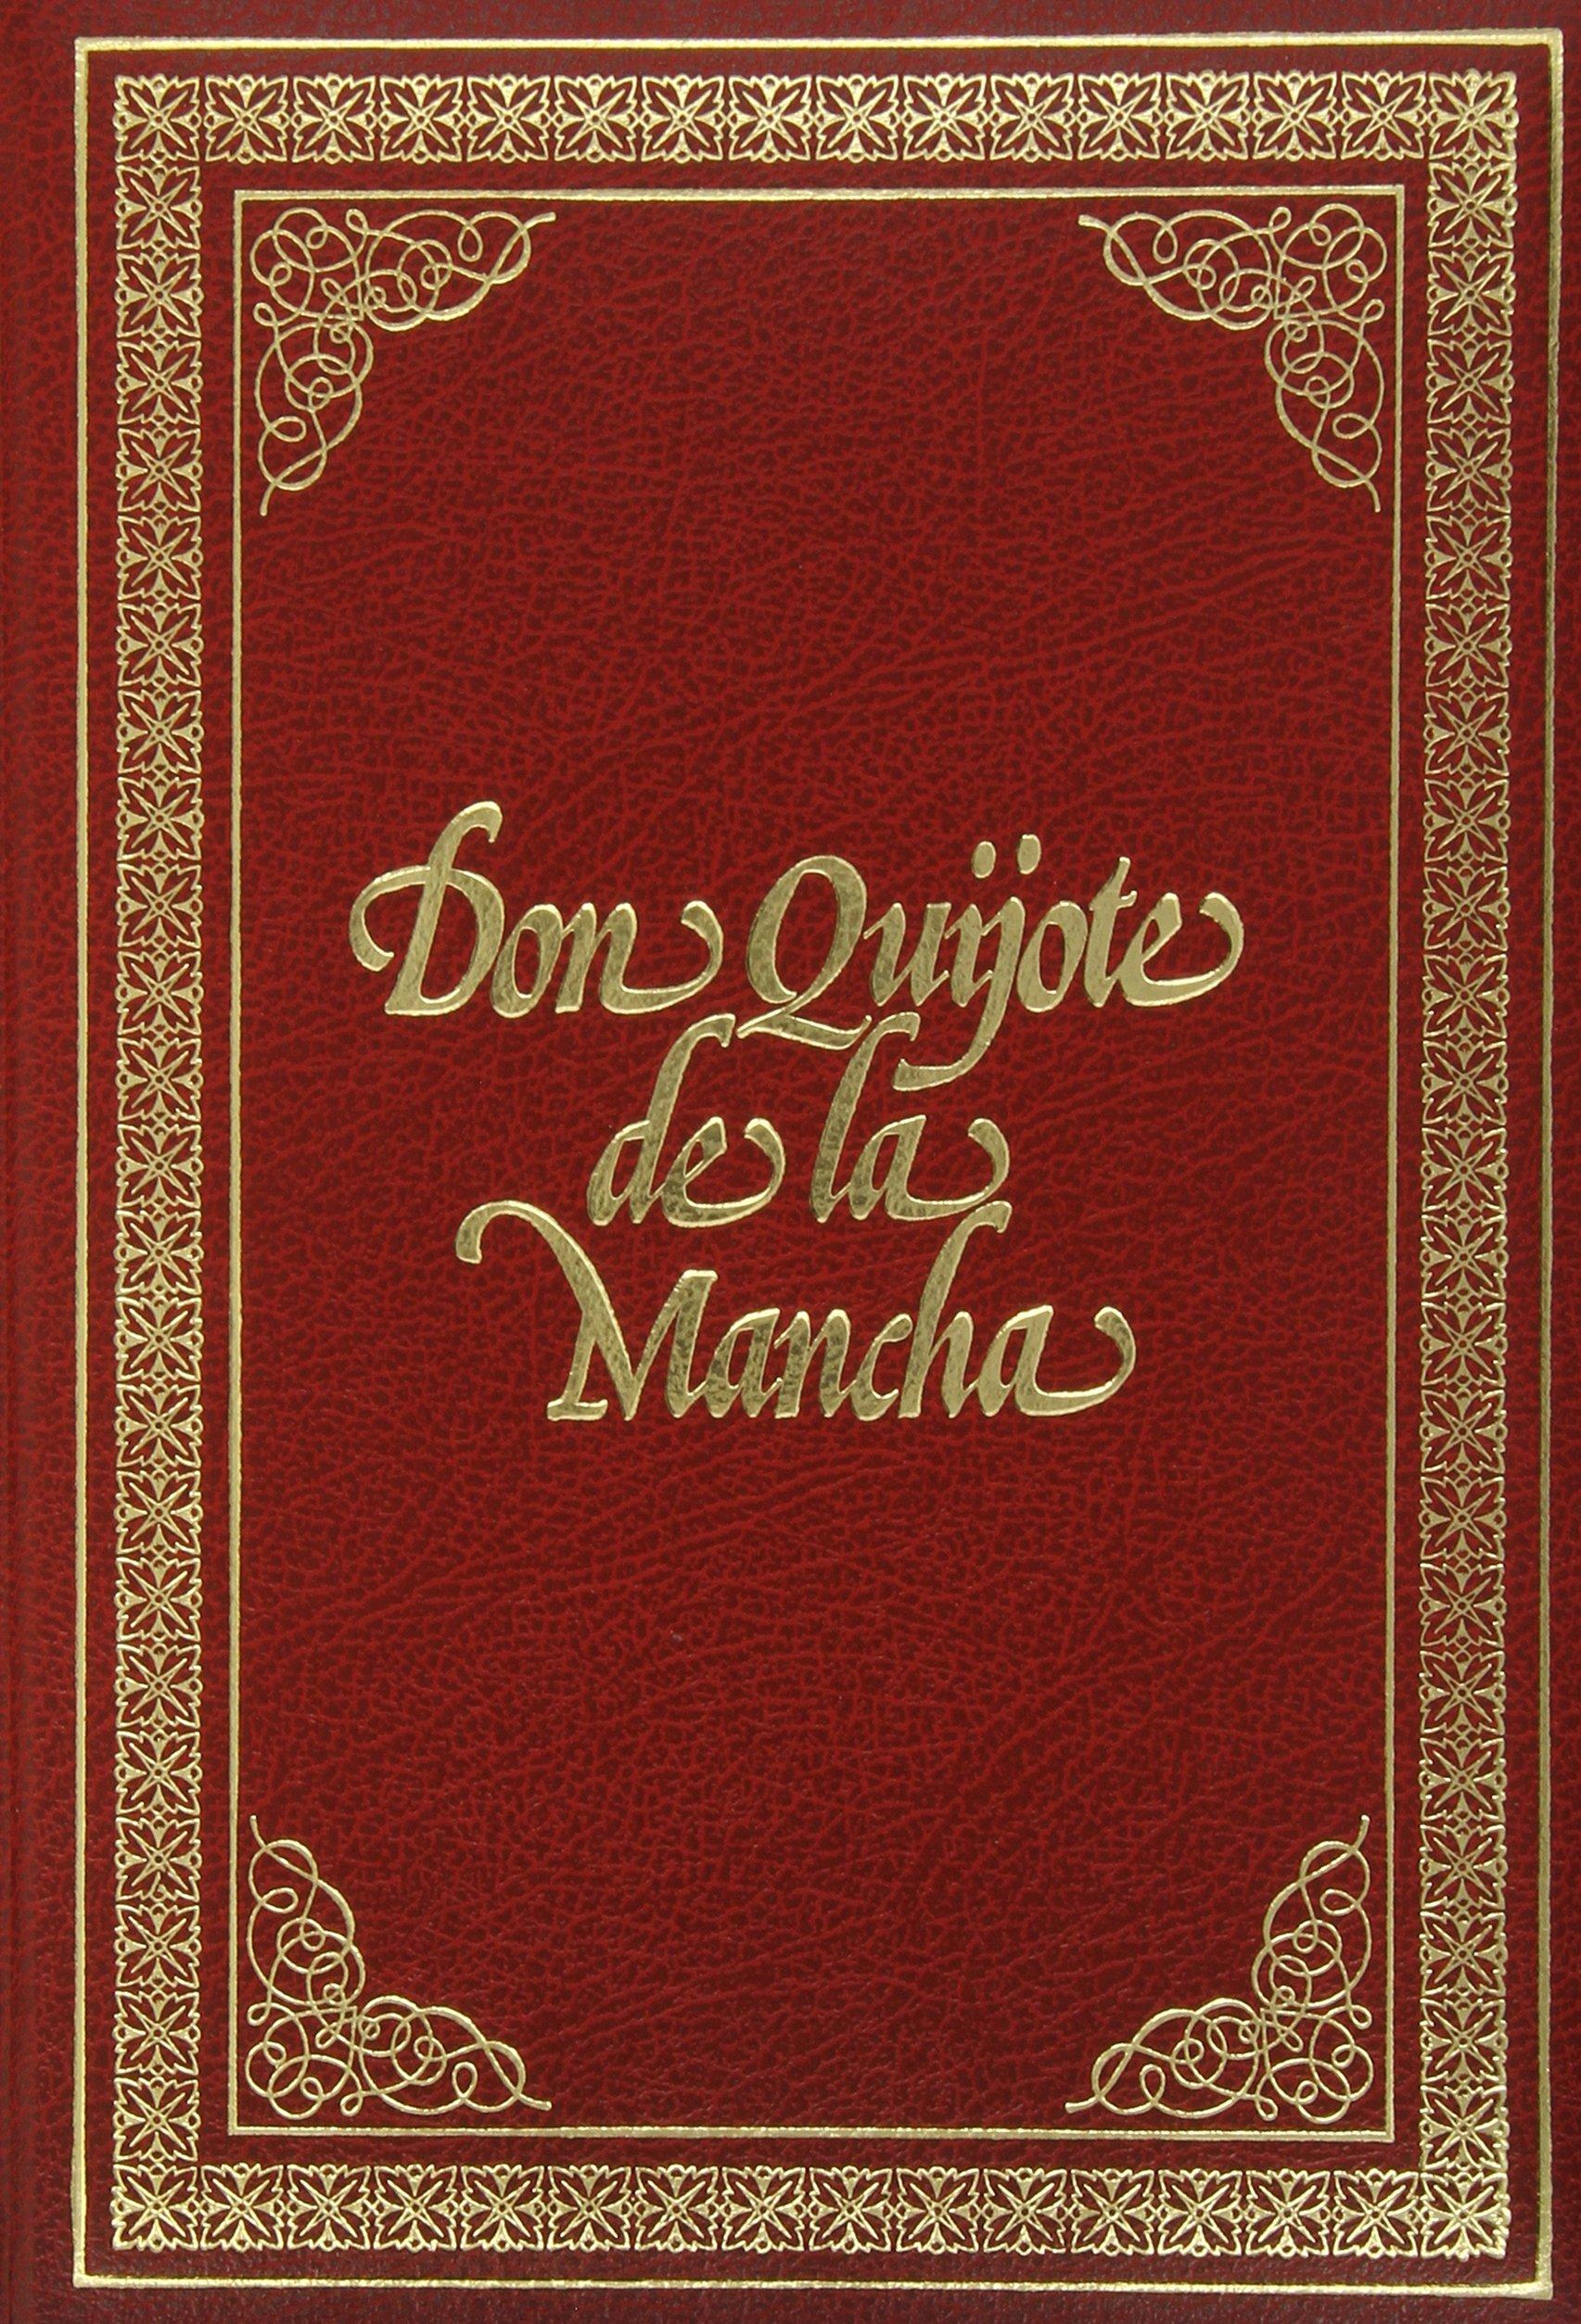 Don Quijote de La Mancha (Grandes Clásicos, Band 1)